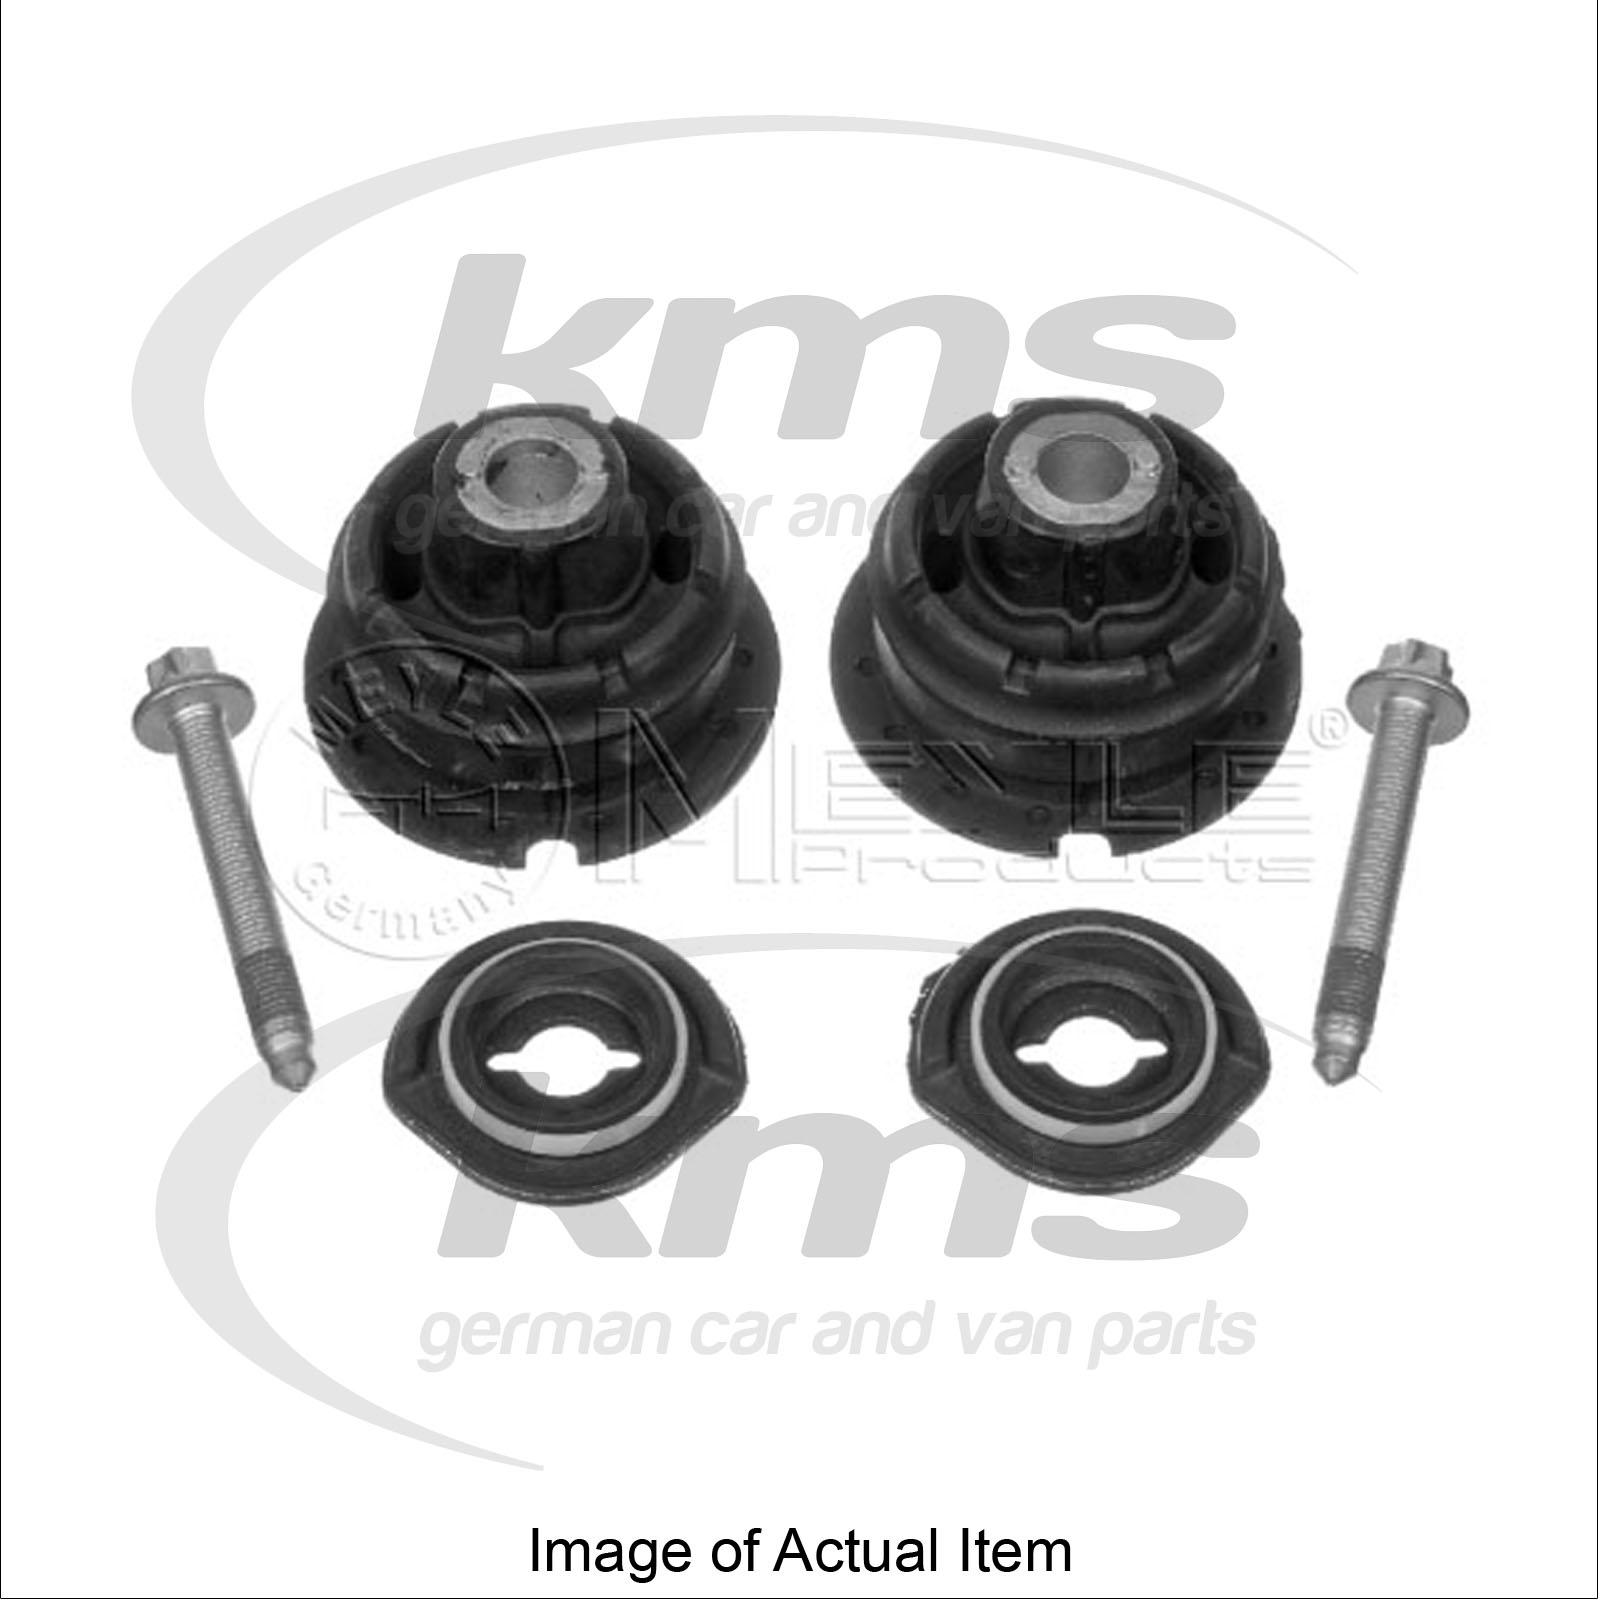 Repair manual mercedes c220 1996 for Mercedes benz r129 service repair workshop manual